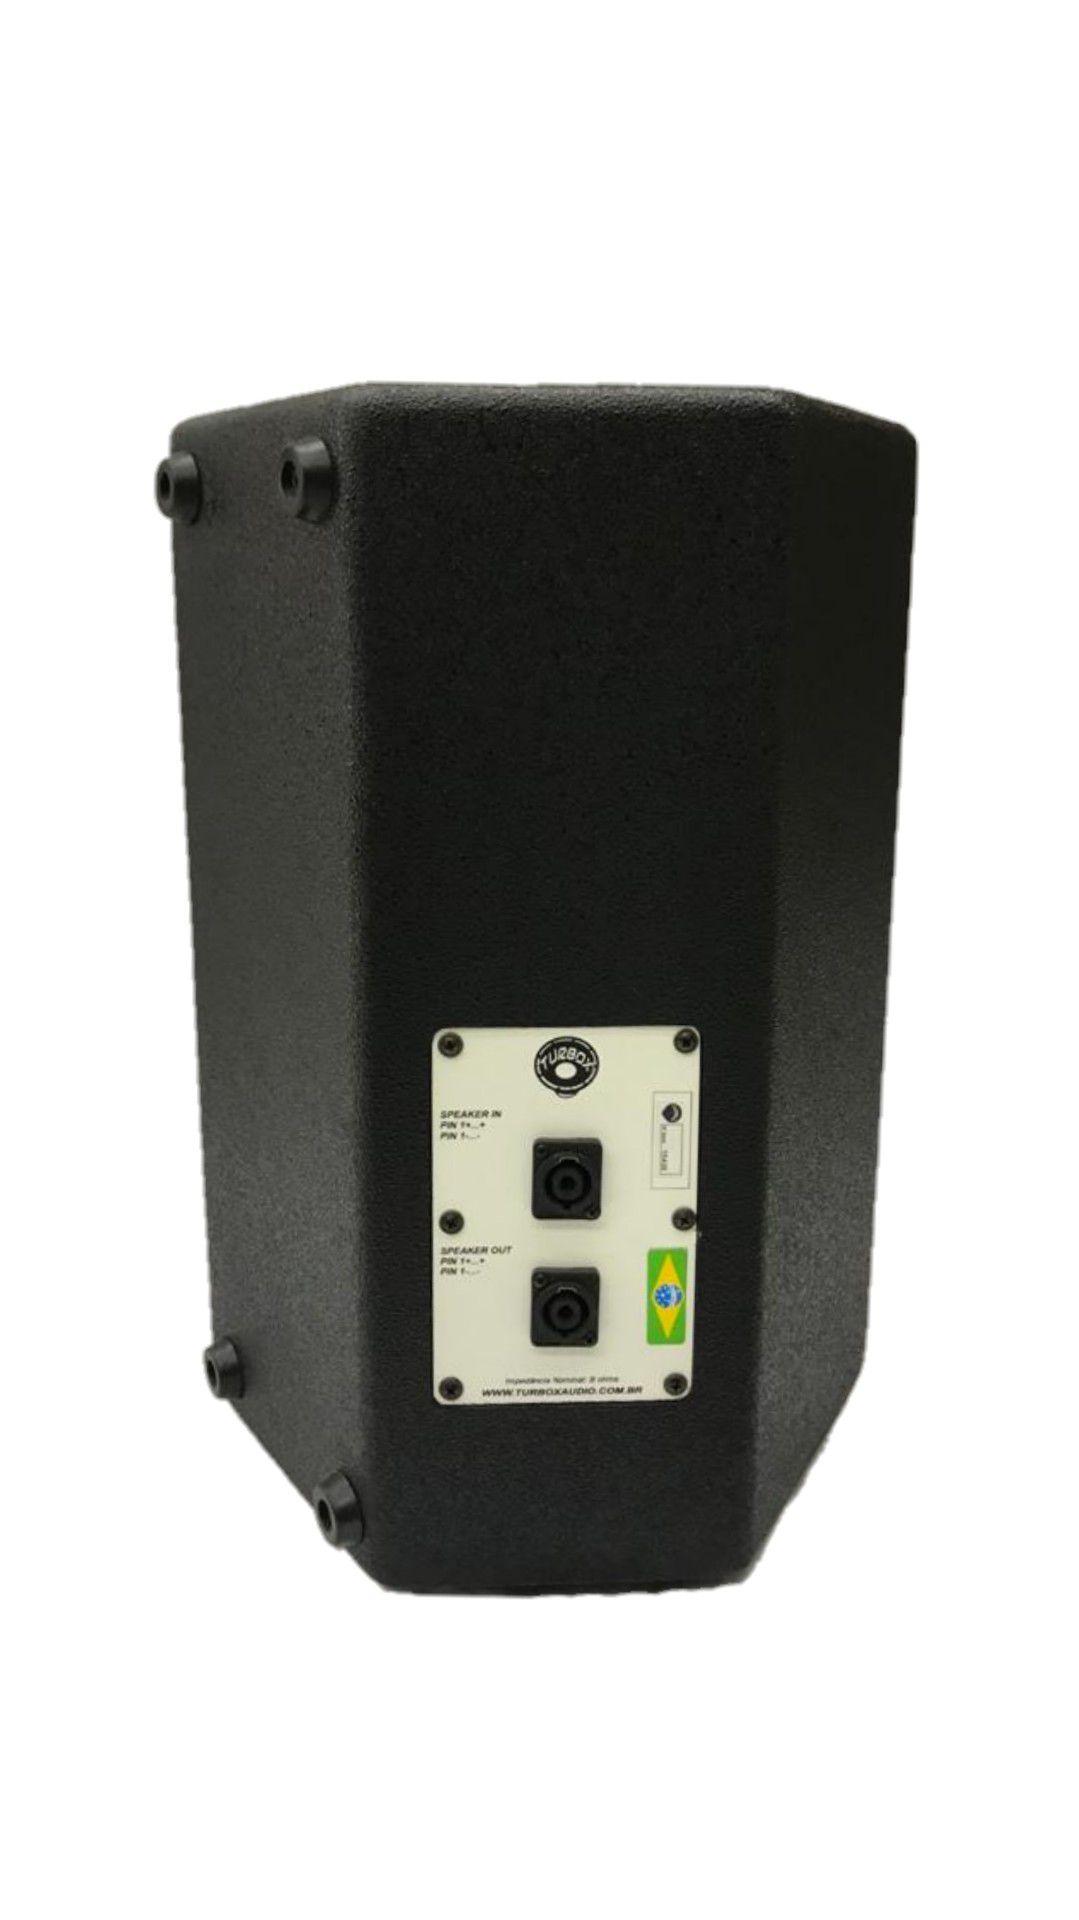 Caixa Acústica Turbox Tba1000p Falante10 Passiva 125wrms